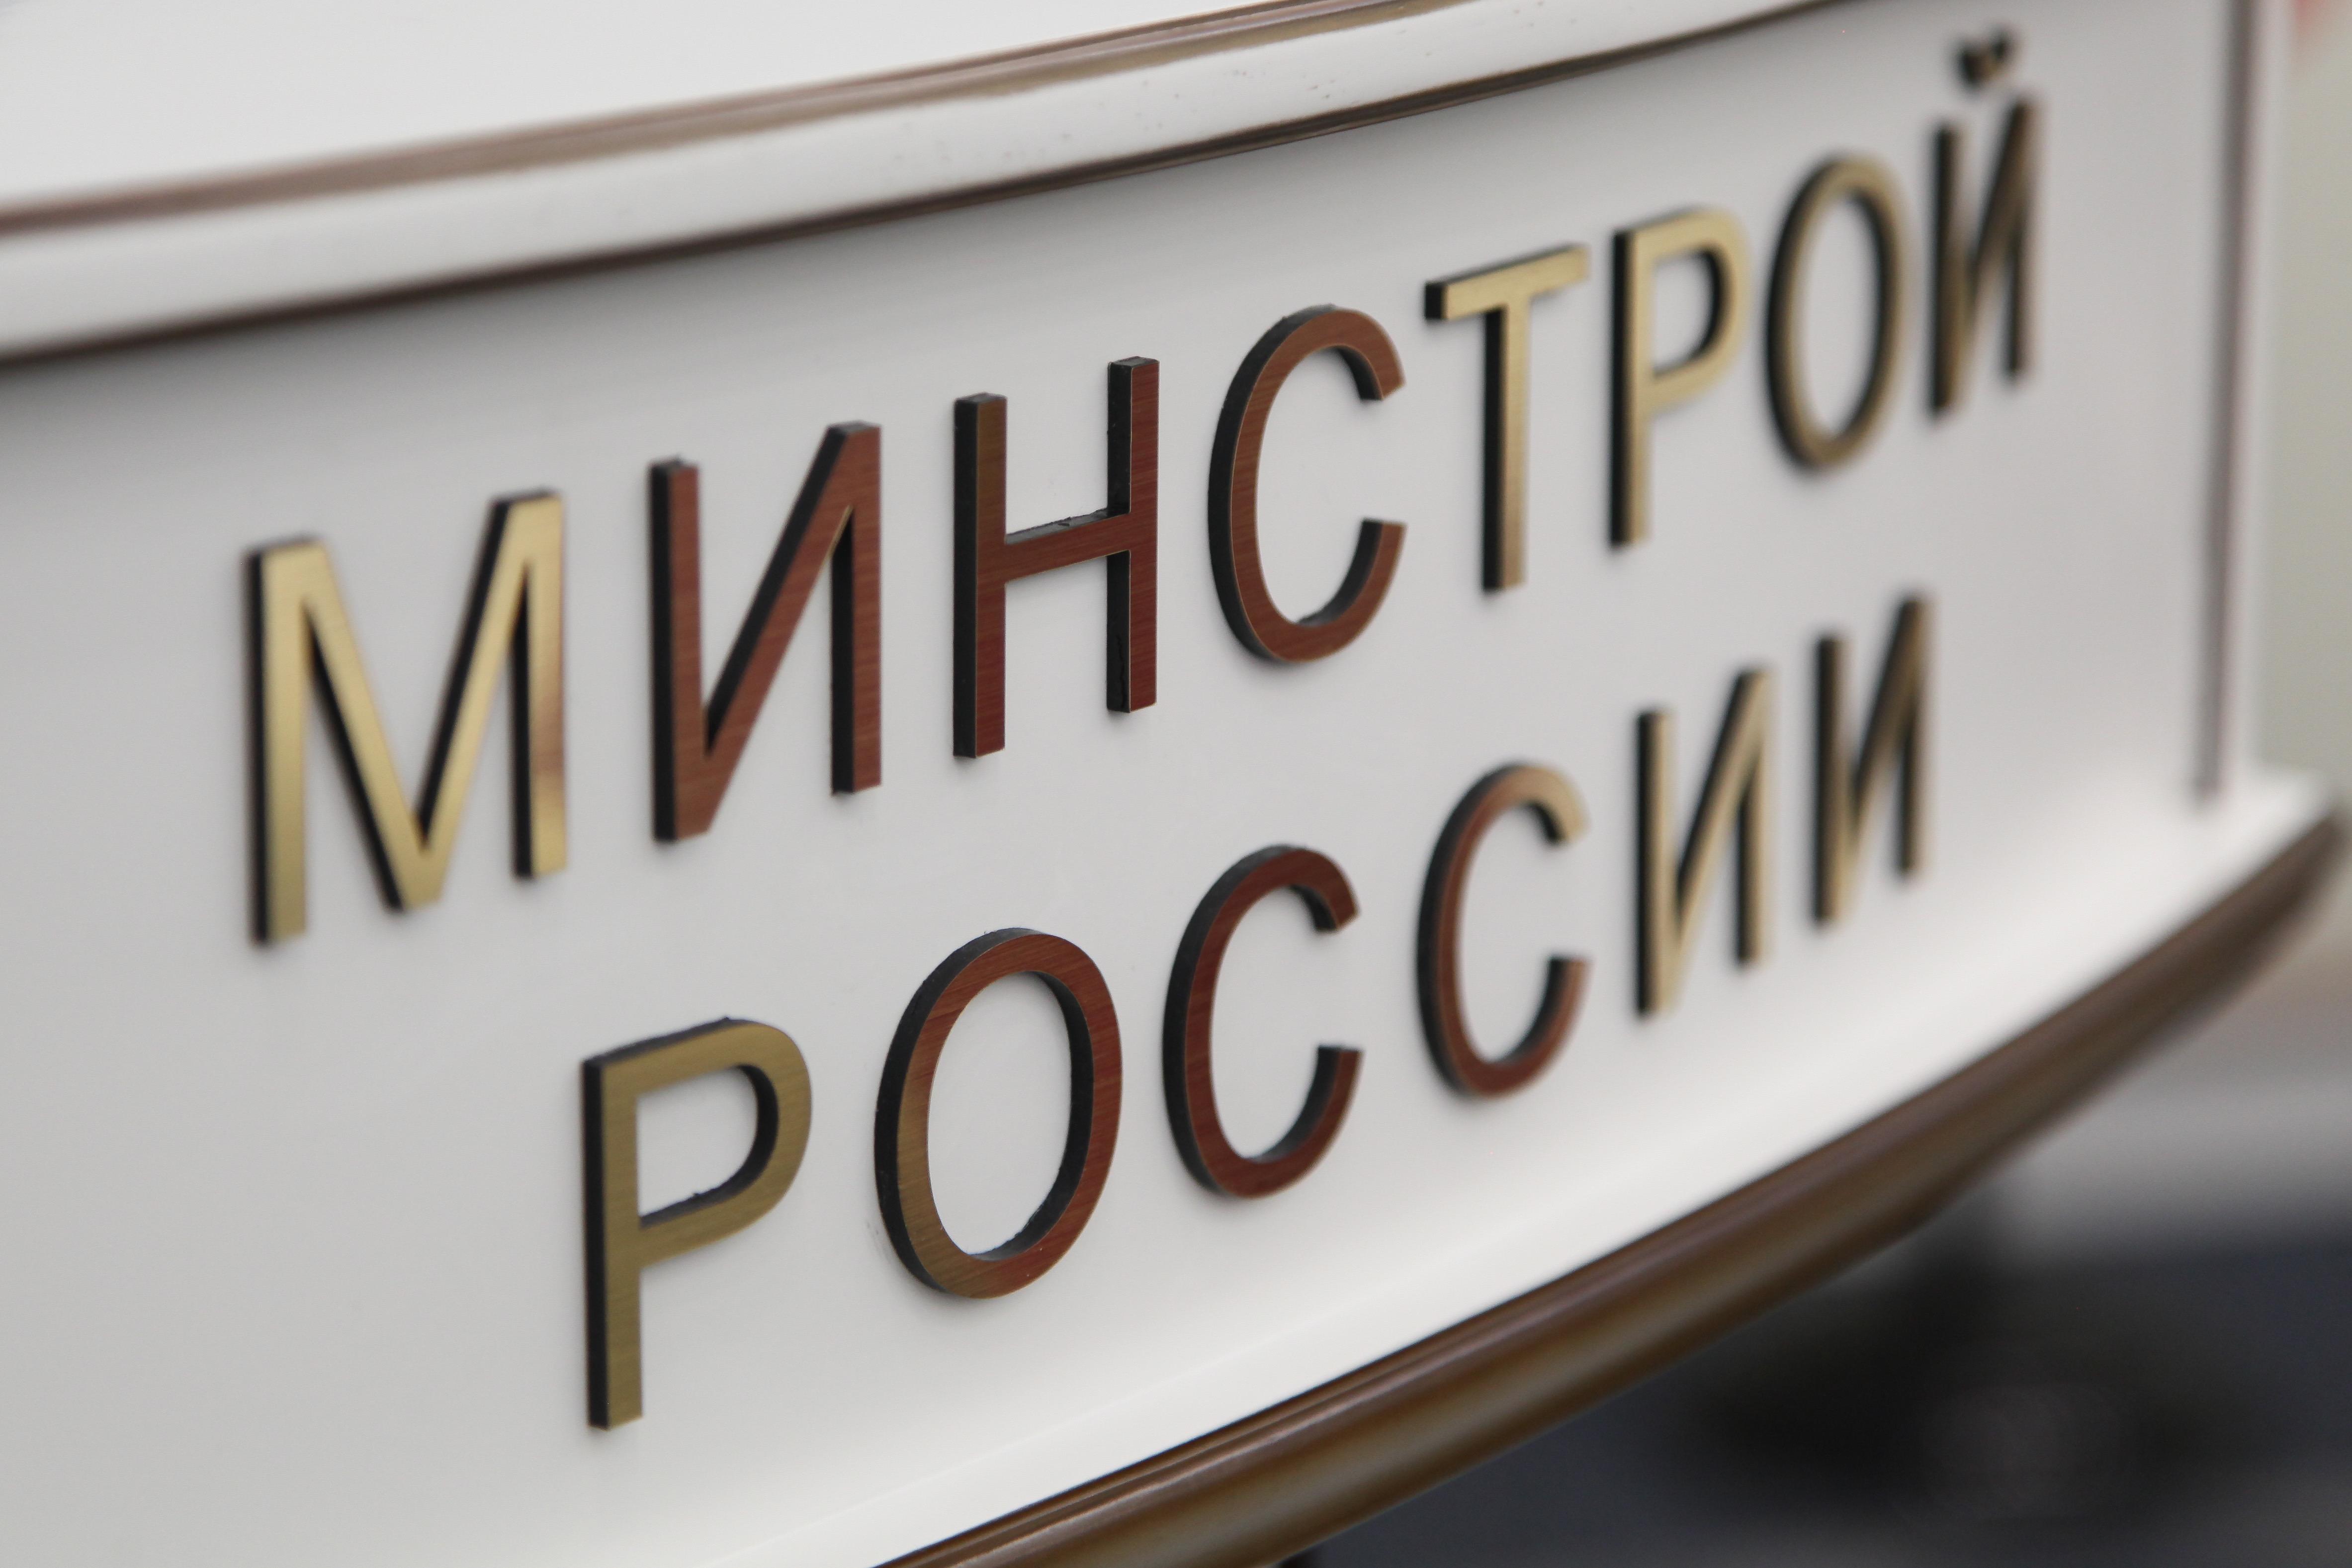 Подведены итоги контрольных мероприятий, проведенных ФКУ «Объединенная <br>дирекция» Минстроя России в 2018 году